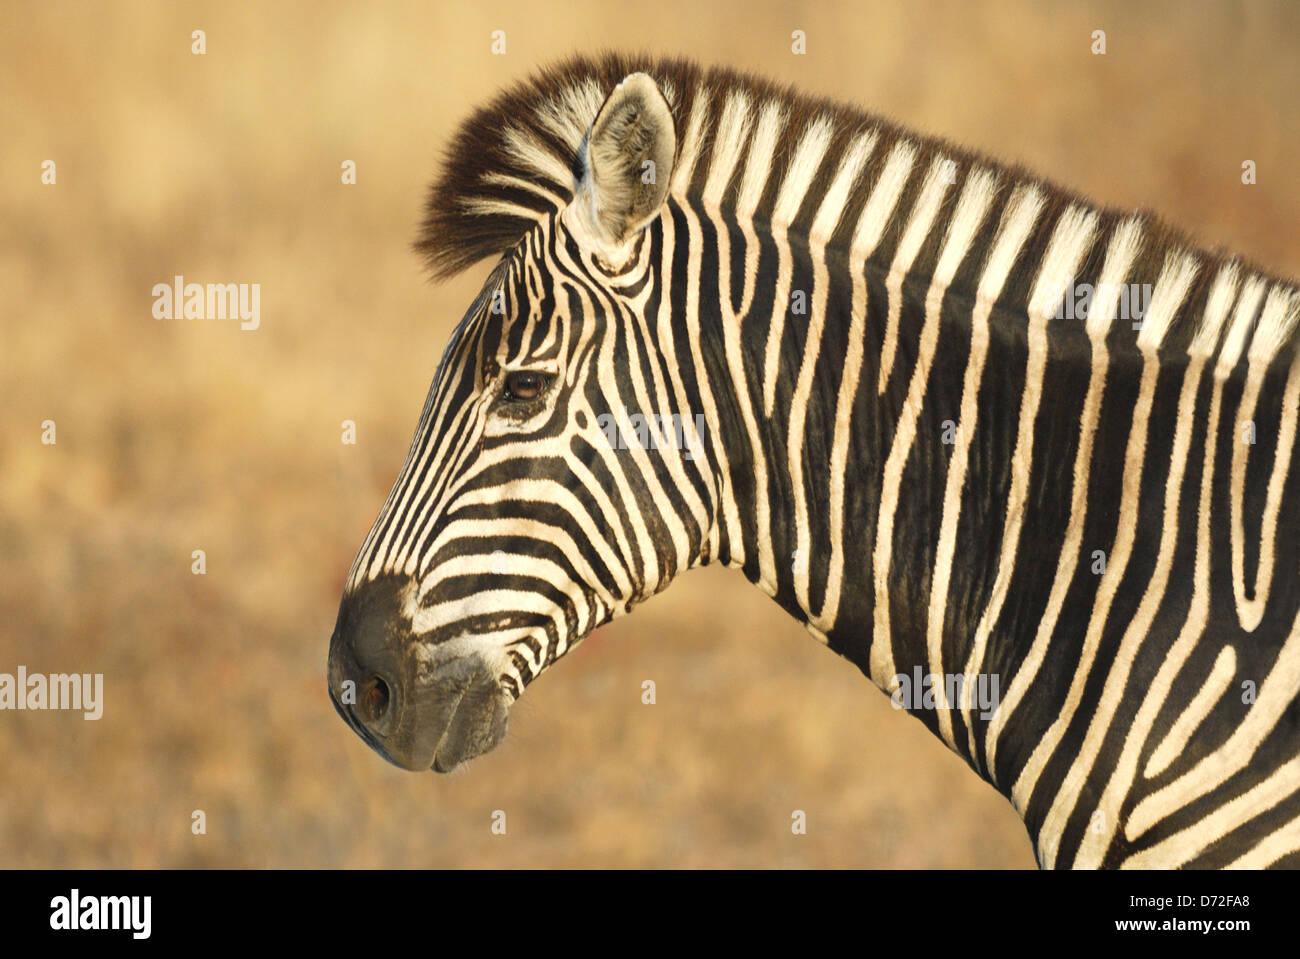 Homme le zèbre de Burchell (Equus burchellii) dans le parc national Kruger, Afrique du Sud Photo Stock